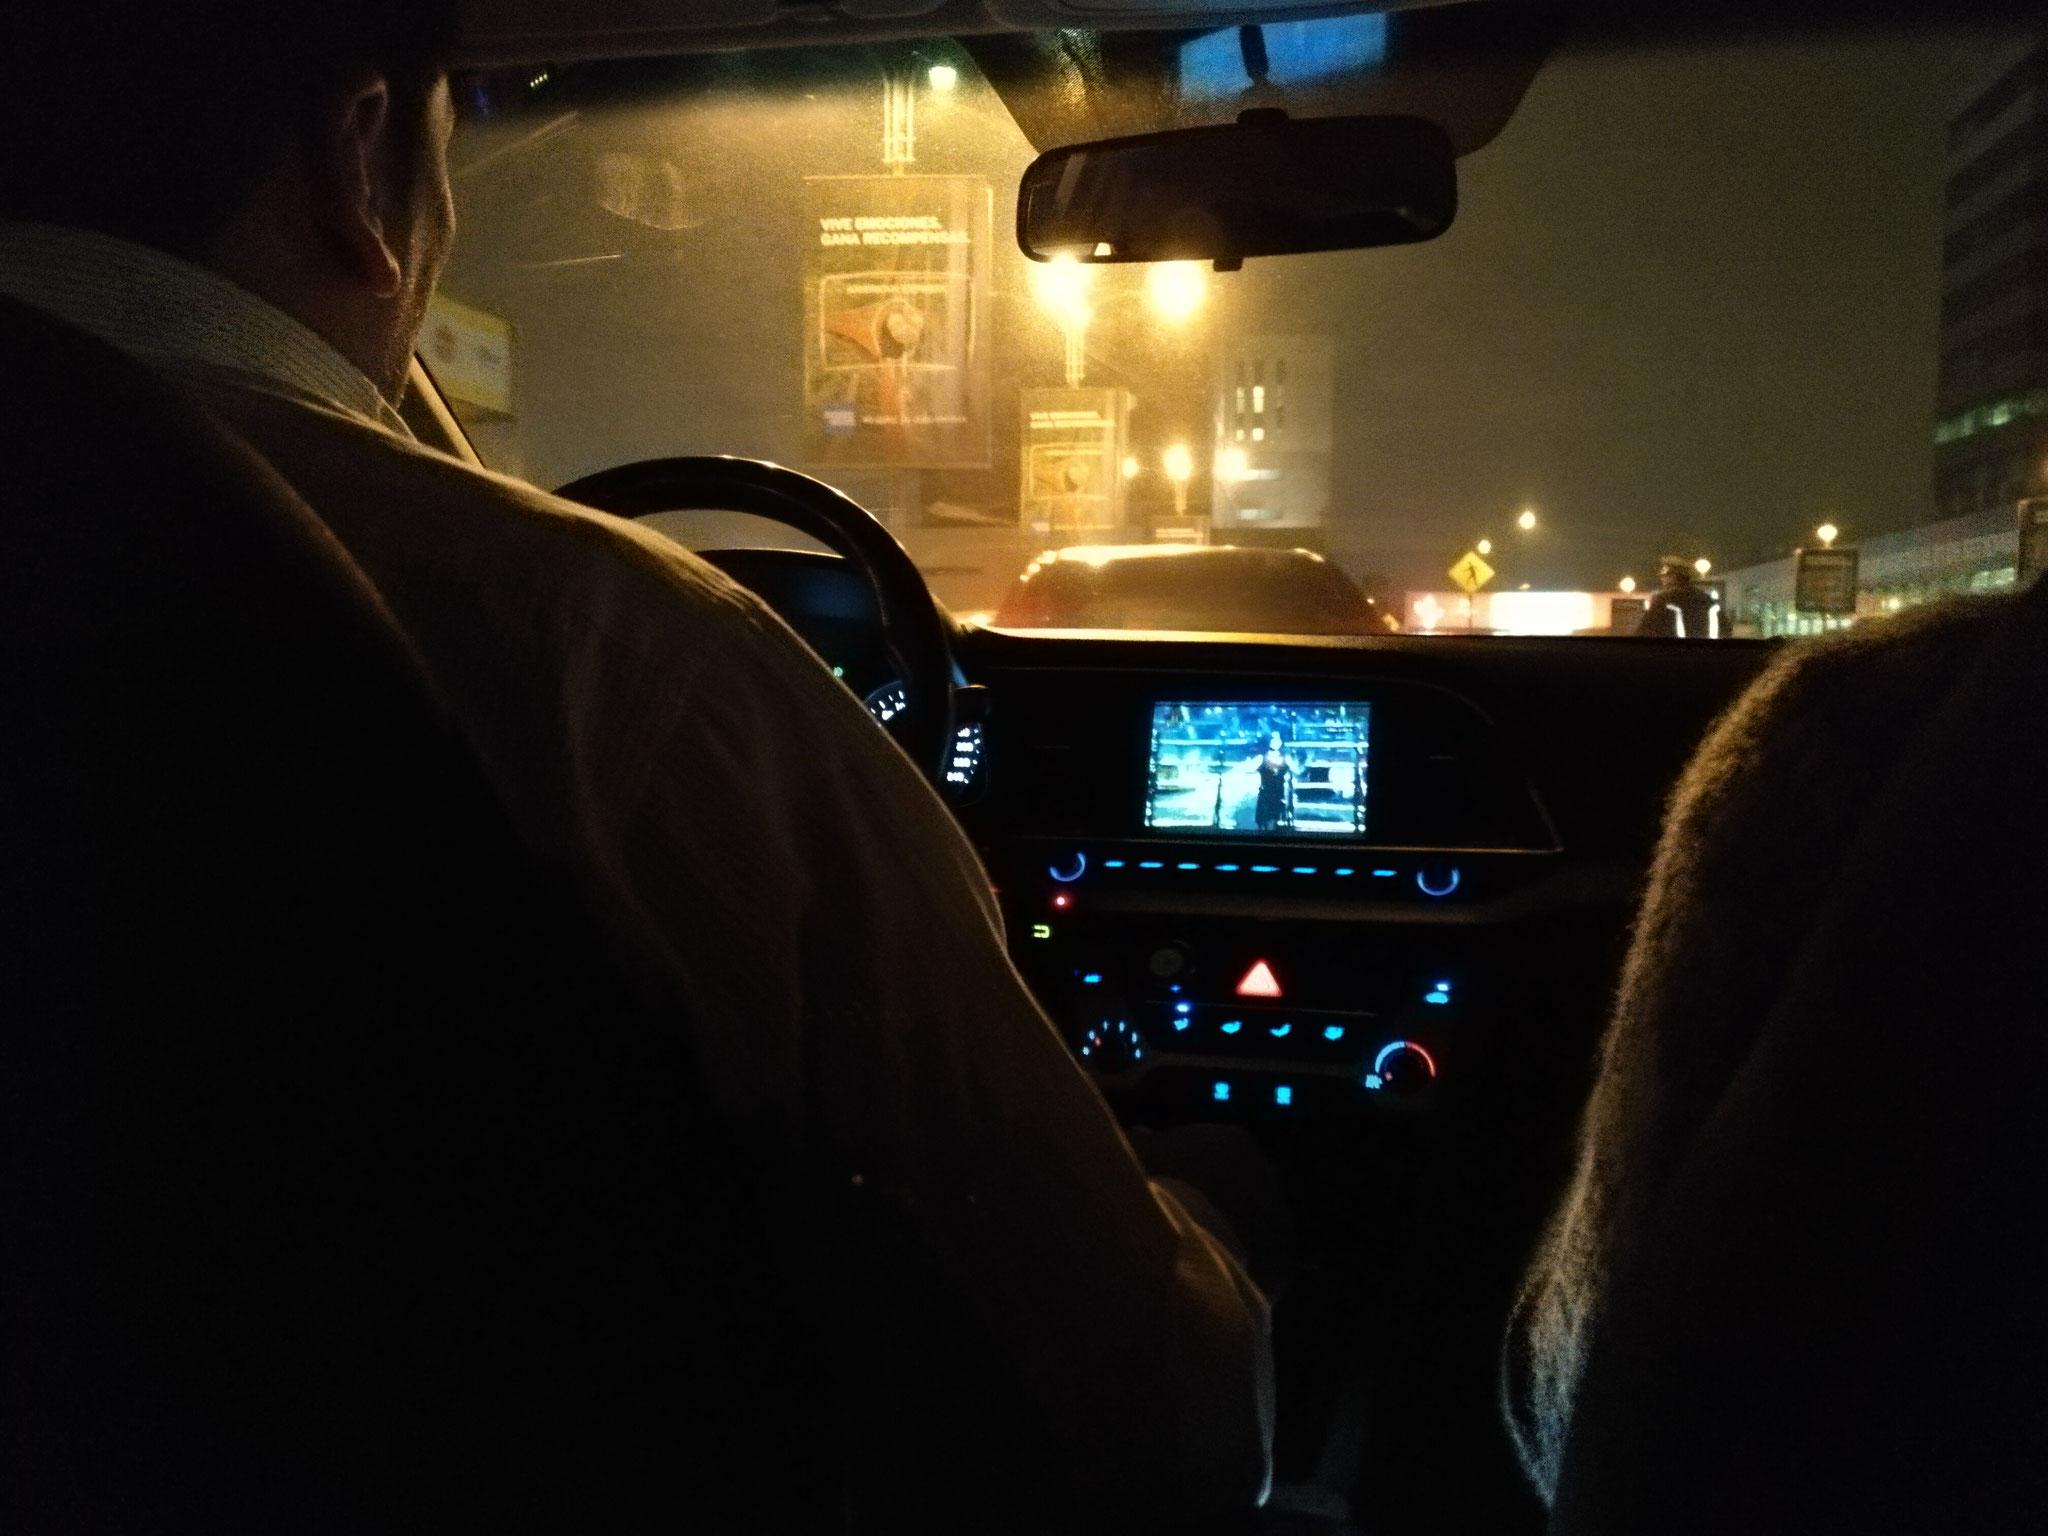 Auf der Fahrt durchs dunkle Lima habe ich mich schon etwas unsicher gefühlt, als der Taxifahrer nebenbei eine Gameshow geguckt hat.